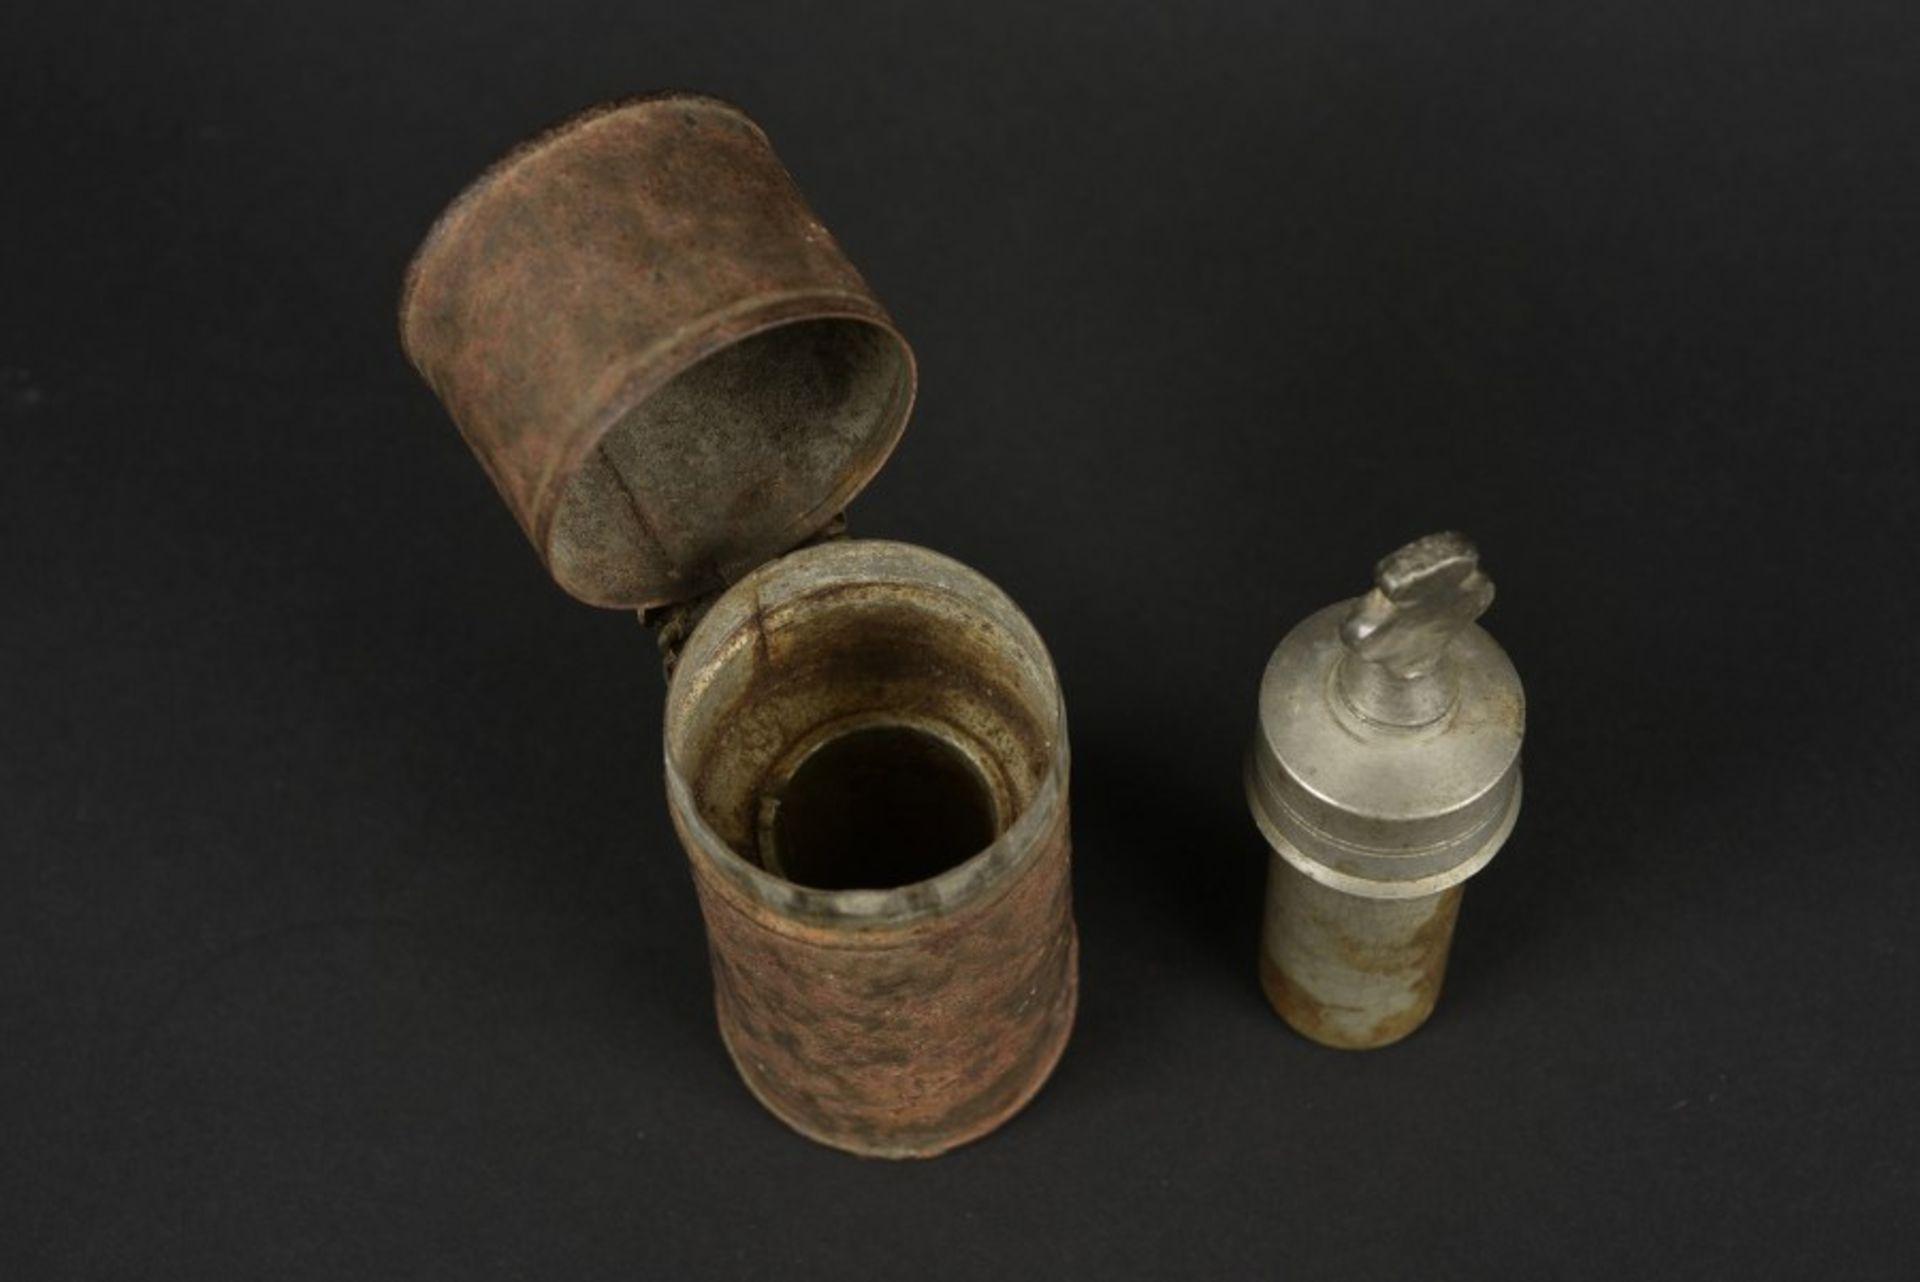 Ampoule destiné à recevoir le Saint Chrême Vial destined to receive Holy Anointing Oil Boitier en - Bild 2 aus 4